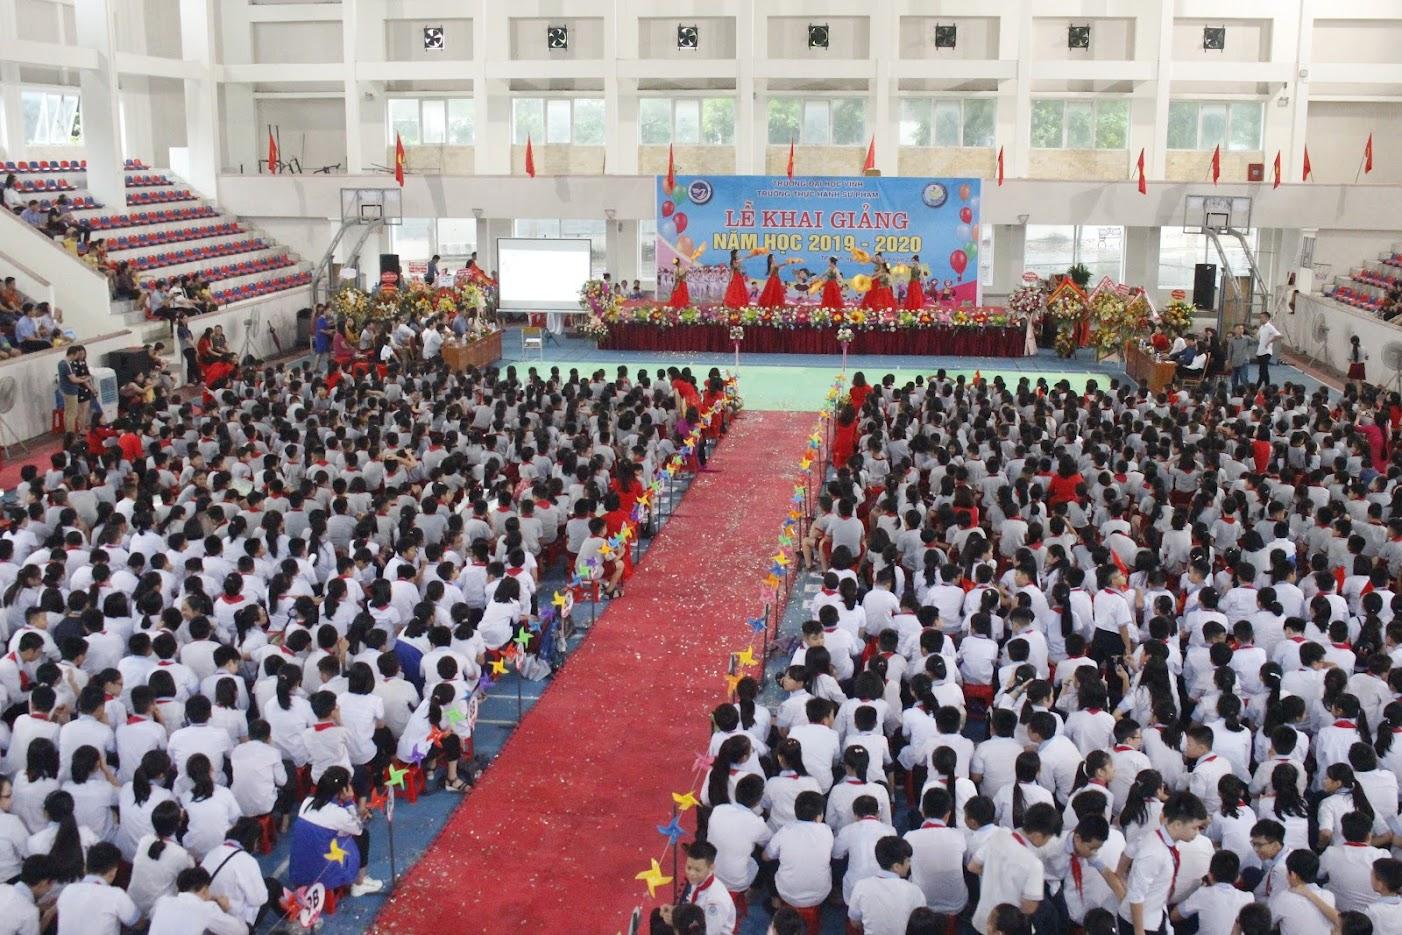 Nhà thi đấu rộng rãi nên lễ khai giảng vẫn được tổ chức theo đúng kế hoạch